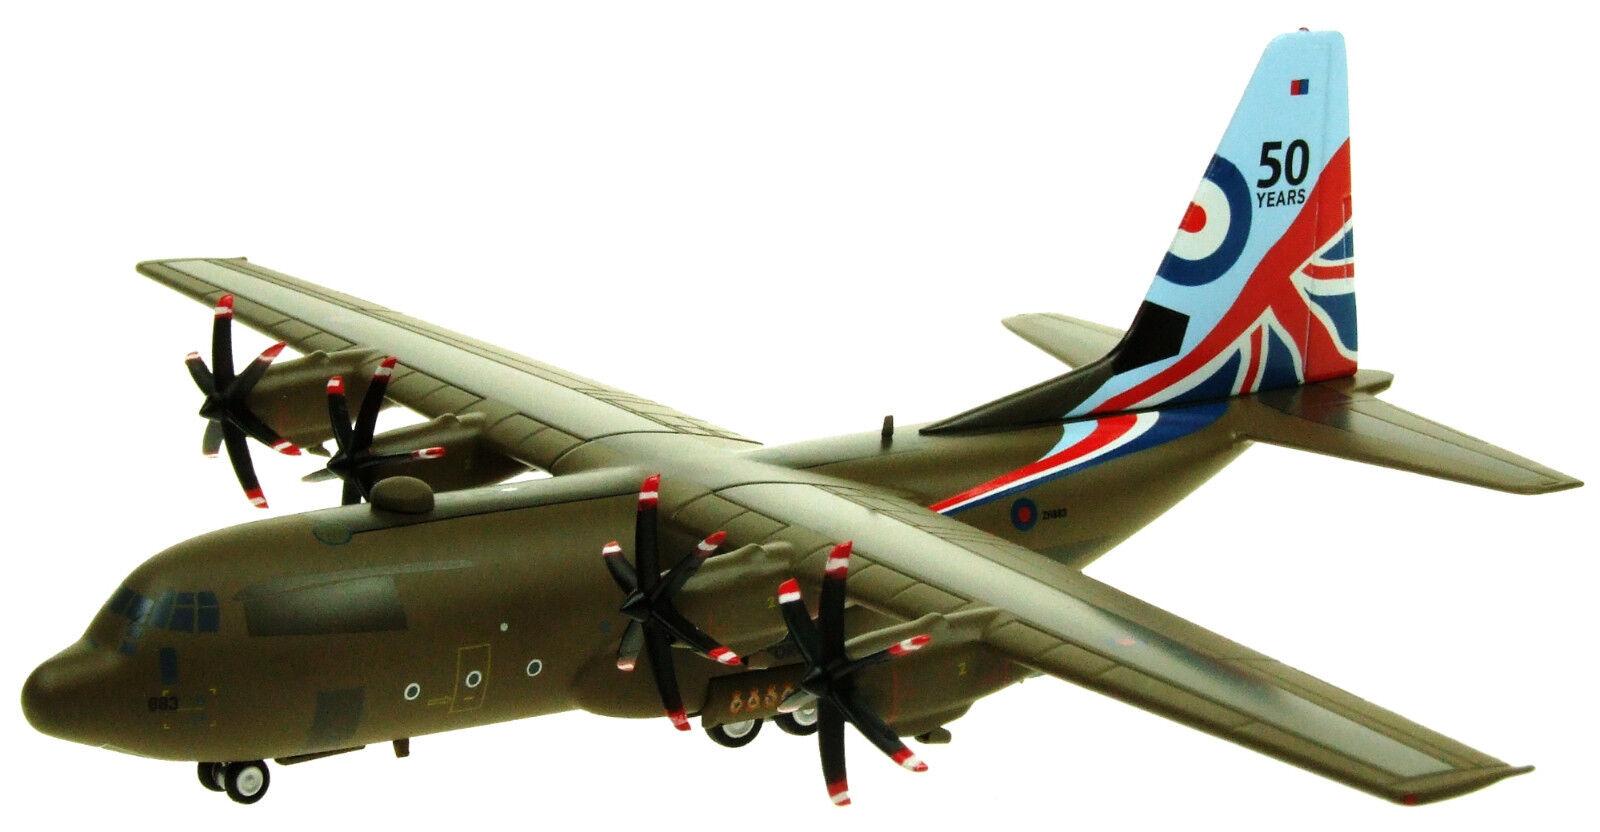 Ifclev 130883 1/200 C-130 Hercules della RAF ZH883 50 anni livrea Ltd Edition con supporto